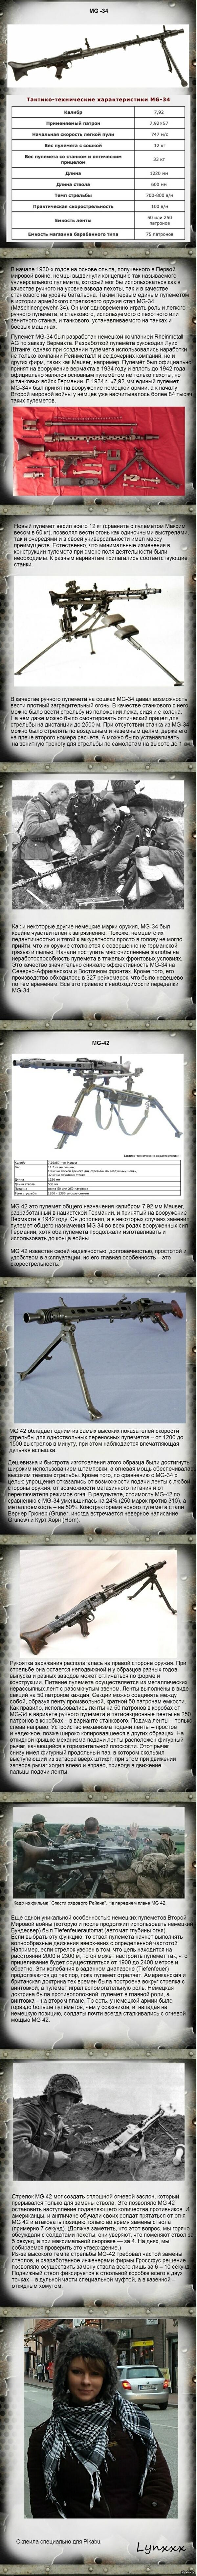 Немецкие пулеметы. Обещанная мной серия постов. (часть 1.)